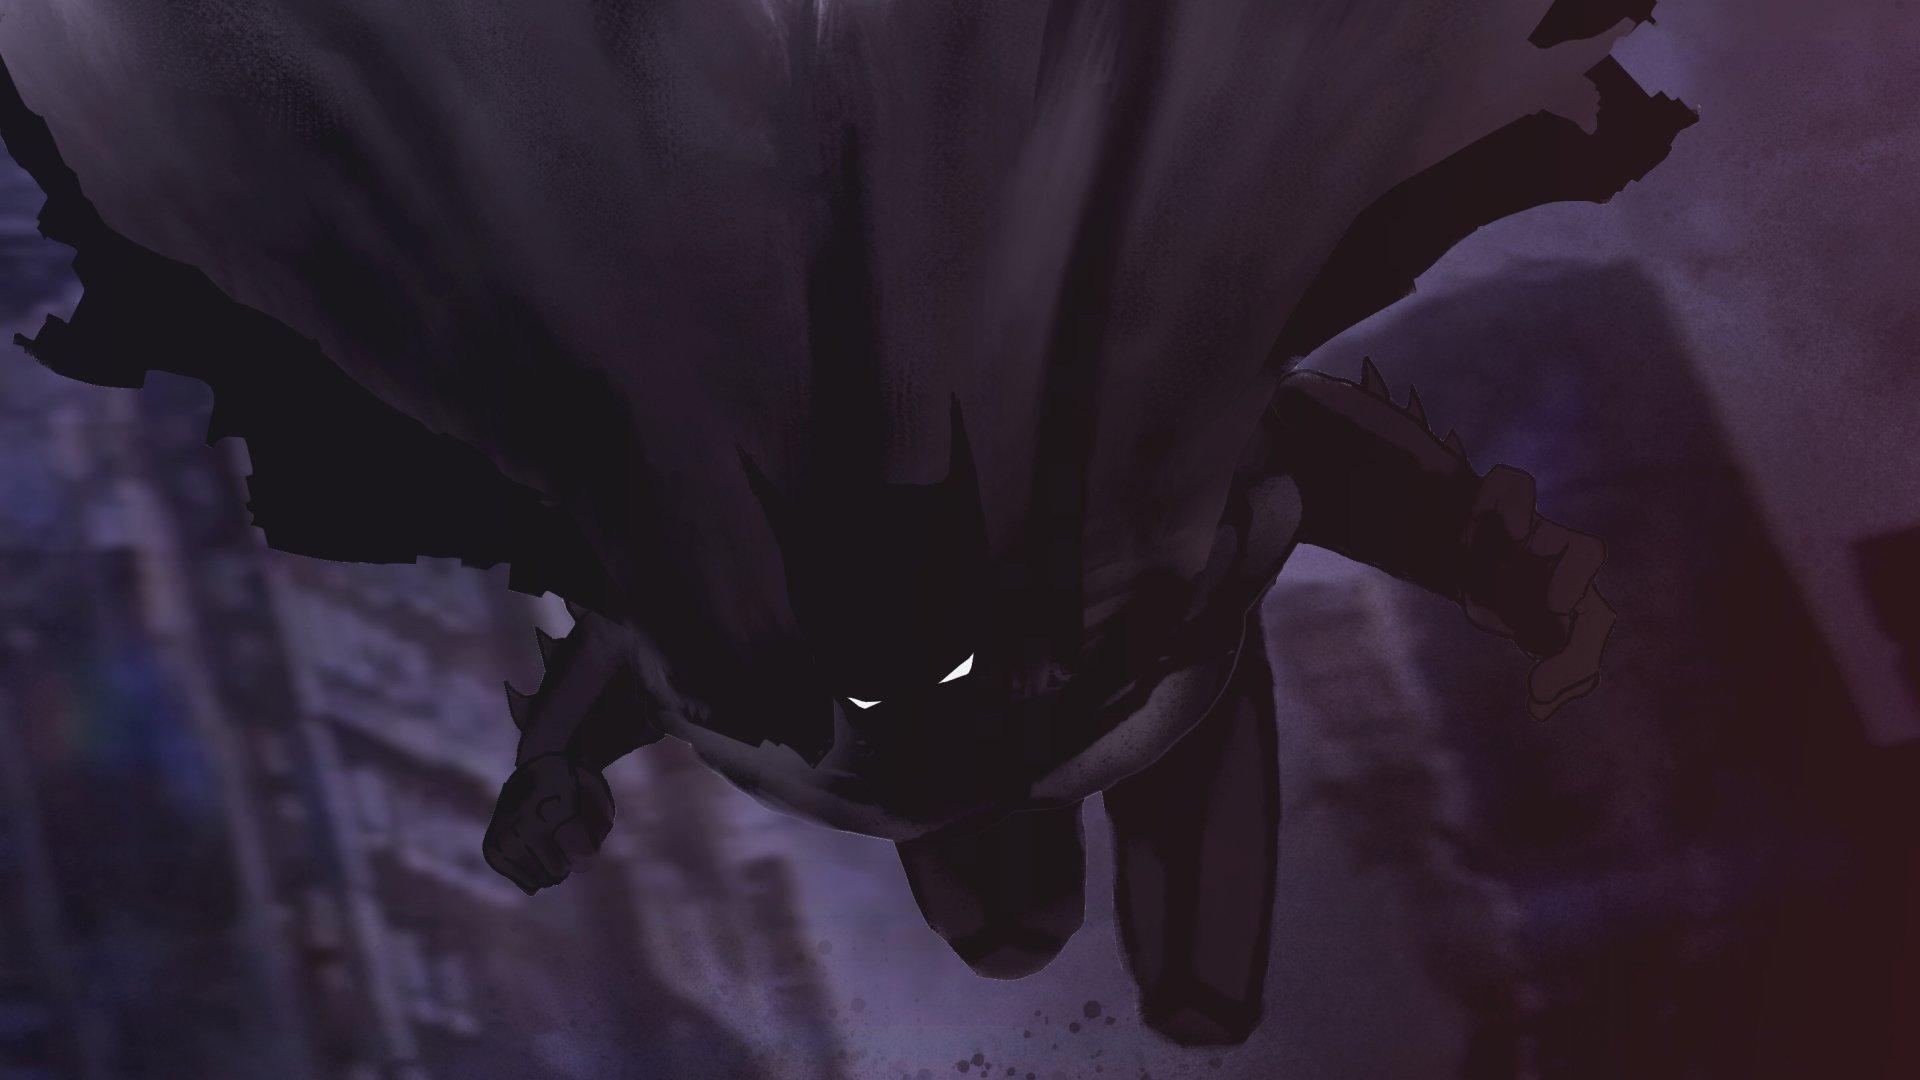 batman ipad wallpaper, download bat man